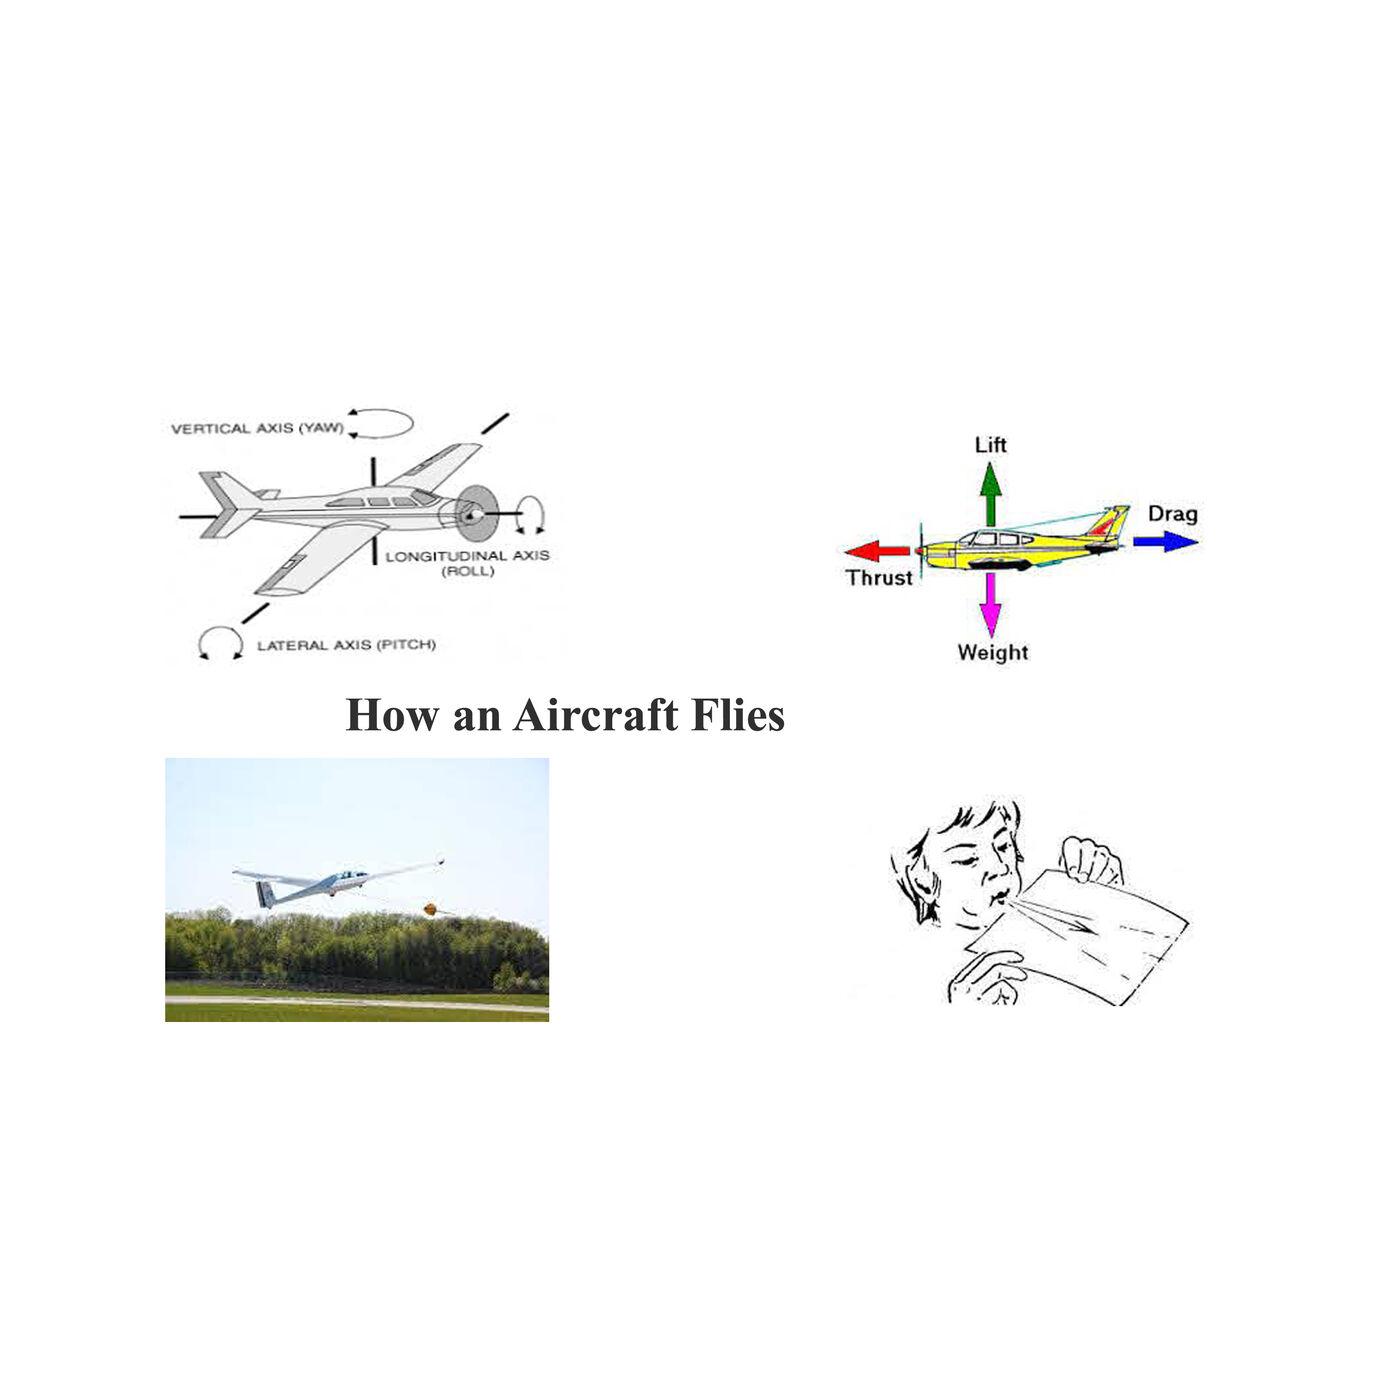 How an Aircraft Flies